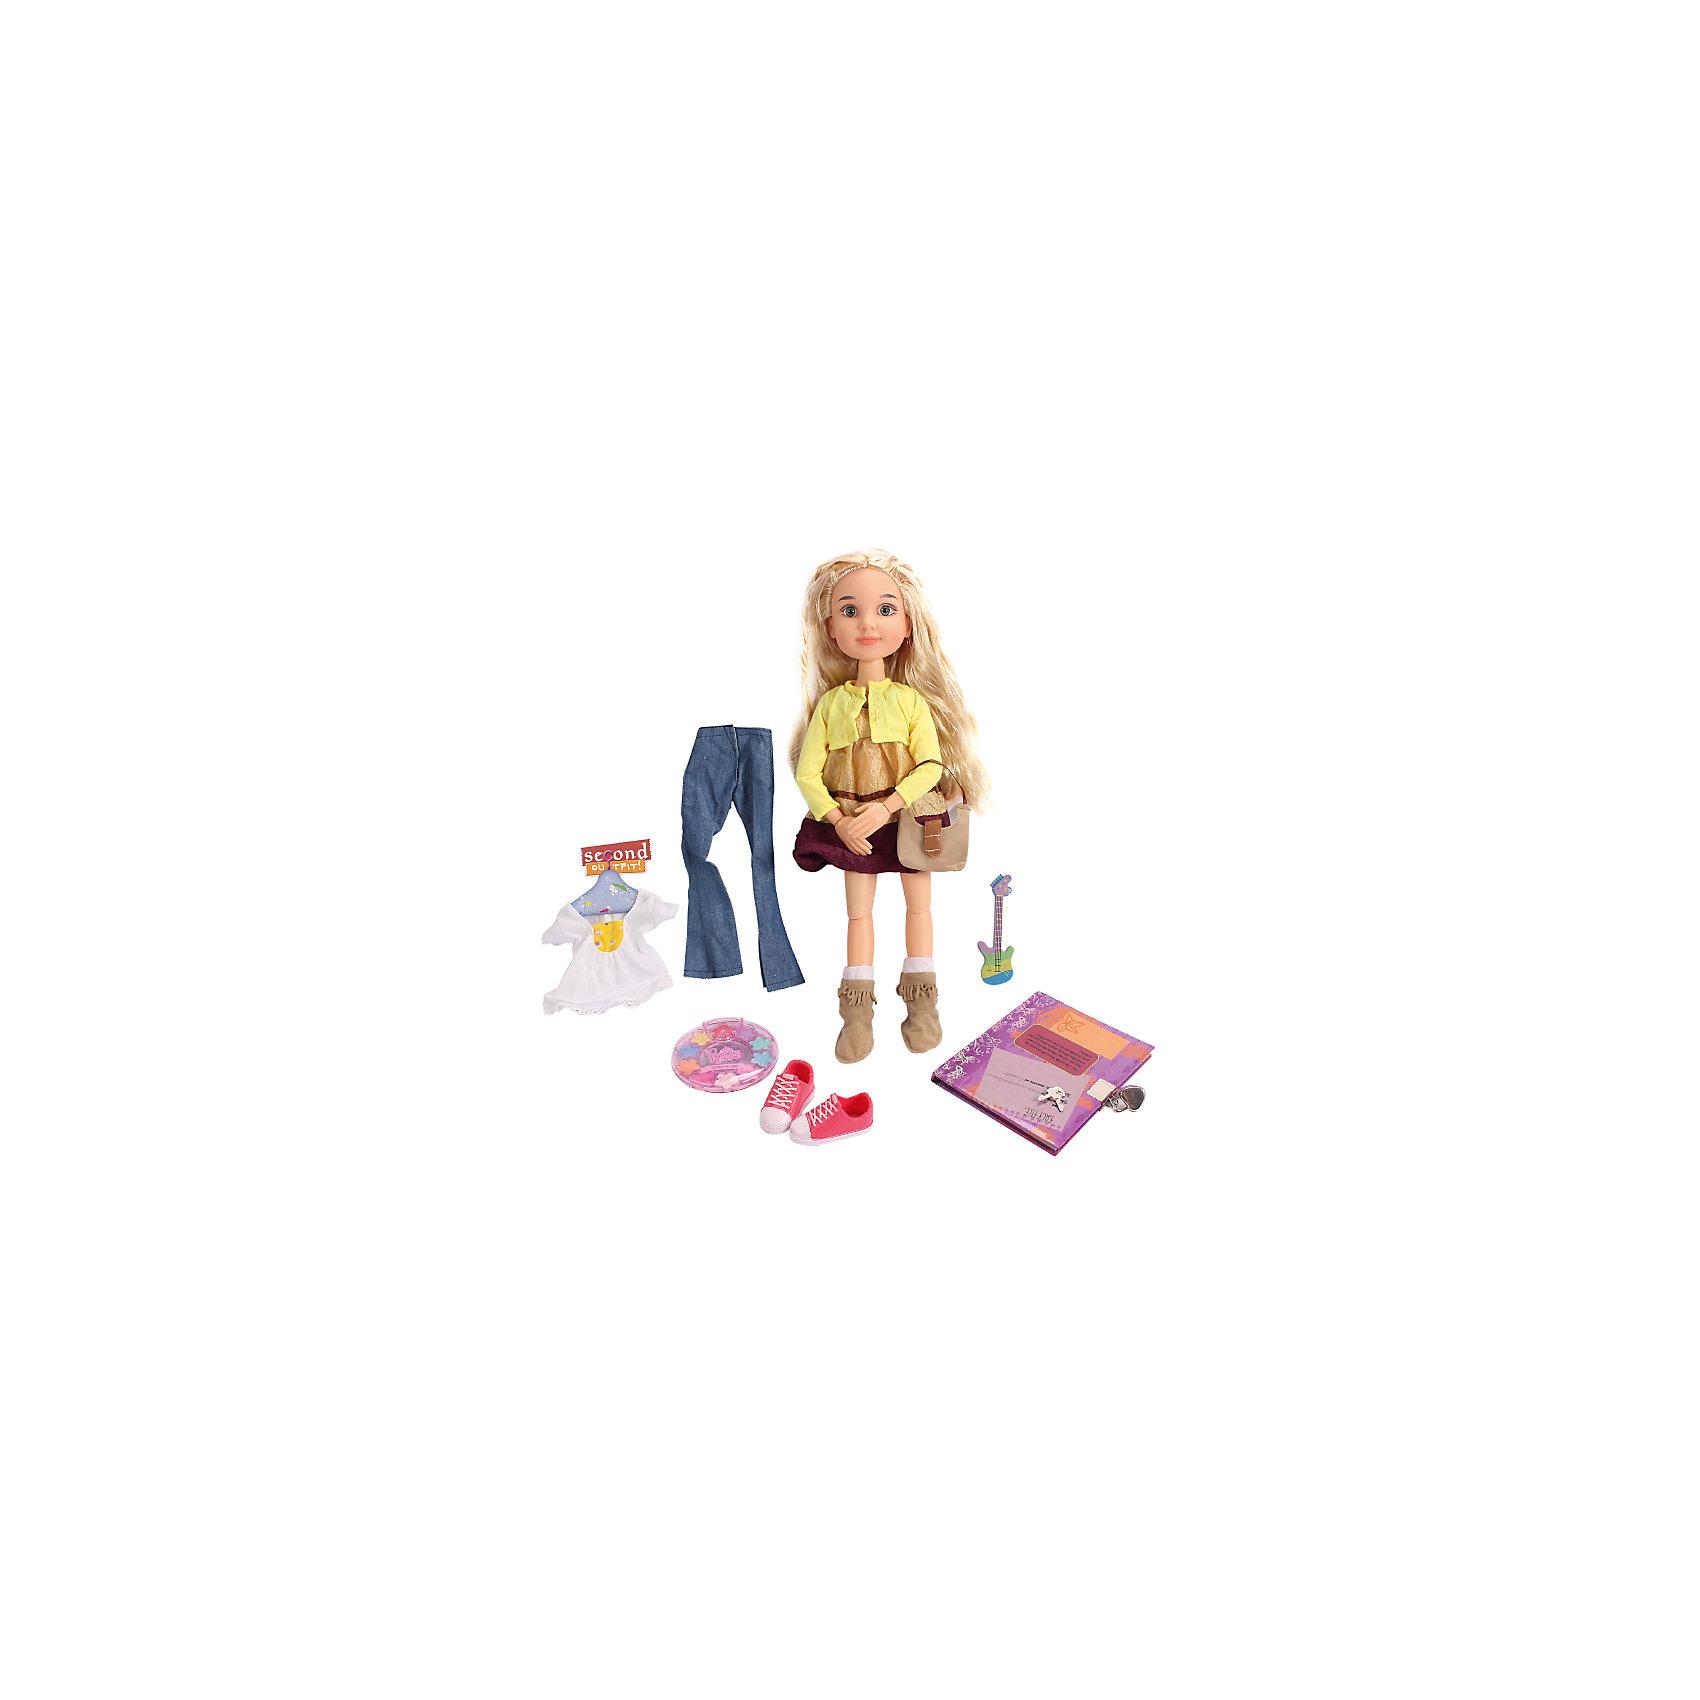 Кукла Макияж: Фитнес девчонка, 45,5 см, с аксессуарами, DollyToyЯркая модница ждёт встречи с новыми подружками! Эту куклу можно наряжать и делать ей настоящий макияж, косметика и стильные вещи есть в комплекте. Благодаря шарнирам можно менять положение ручек и ножек. В дополнение к аксессуарам в комплекте есть блокнот, в котором можно делать записи о моде или хранить важные секреты.<br> <br>Дополнительная информация:<br><br><br>Высота куклы: 45,5 см<br>В комплекте: кукла, косметика, одежда, блокнот, аксессуары<br><br>Куклу Макияж: Фитнес девчонка, 45,5 см, с аксессуарами, DollyToy можно купить в нашем магазине.<br><br>Ширина мм: 500<br>Глубина мм: 110<br>Высота мм: 380<br>Вес г: 1542<br>Возраст от месяцев: 72<br>Возраст до месяцев: 1188<br>Пол: Женский<br>Возраст: Детский<br>SKU: 4590210